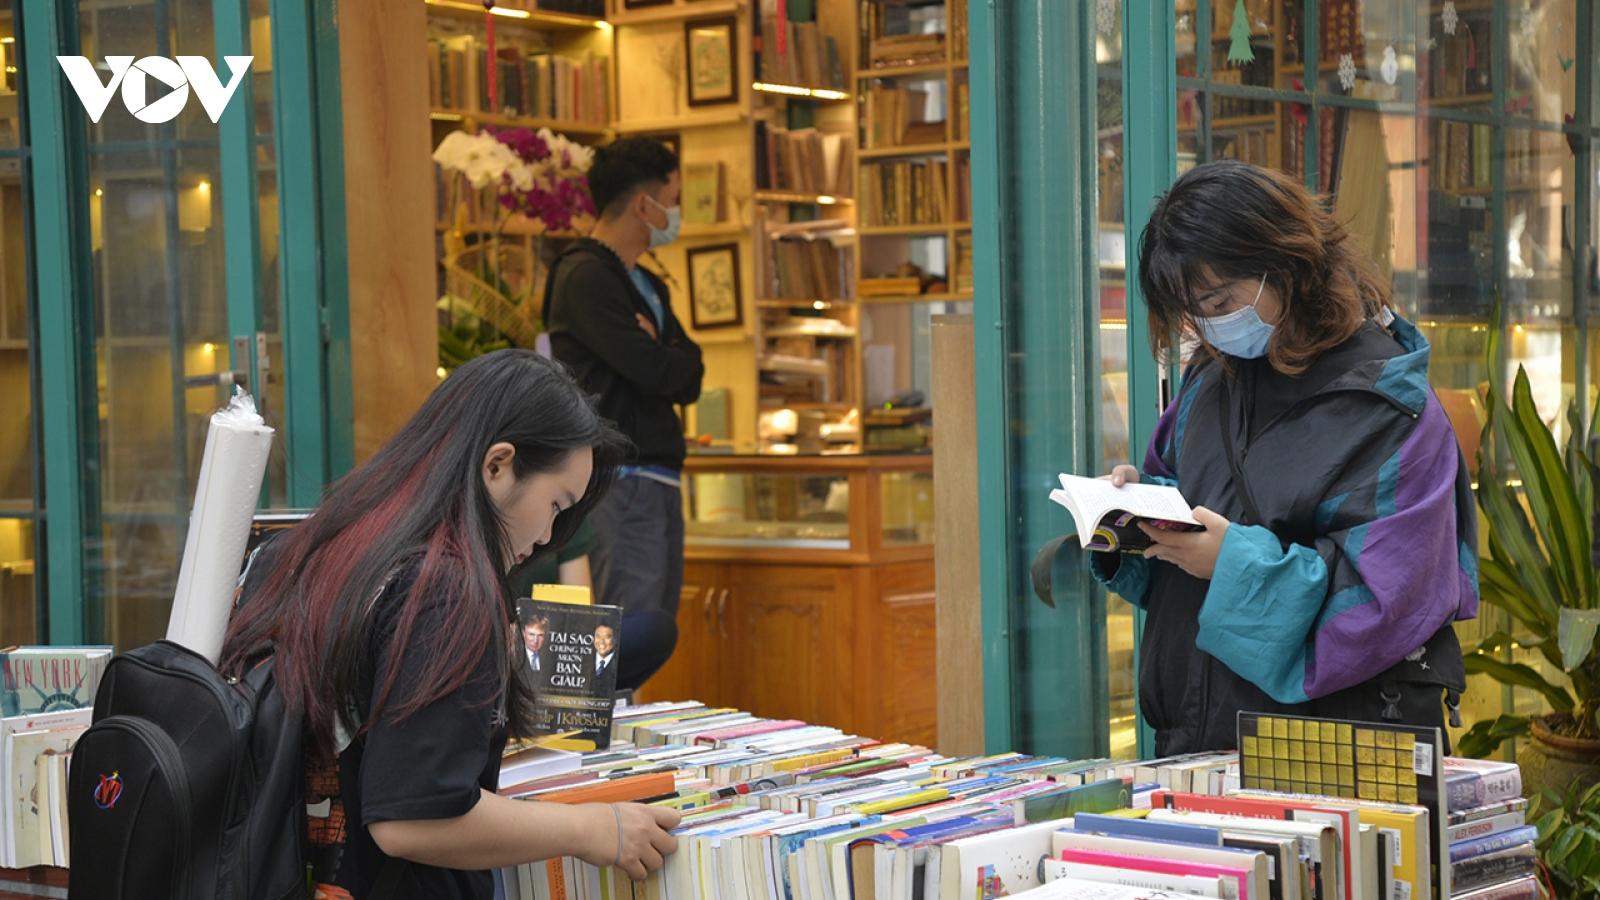 Đường sách là cơ sở để xây dựng không gian văn hoá Hồ Chí Minh